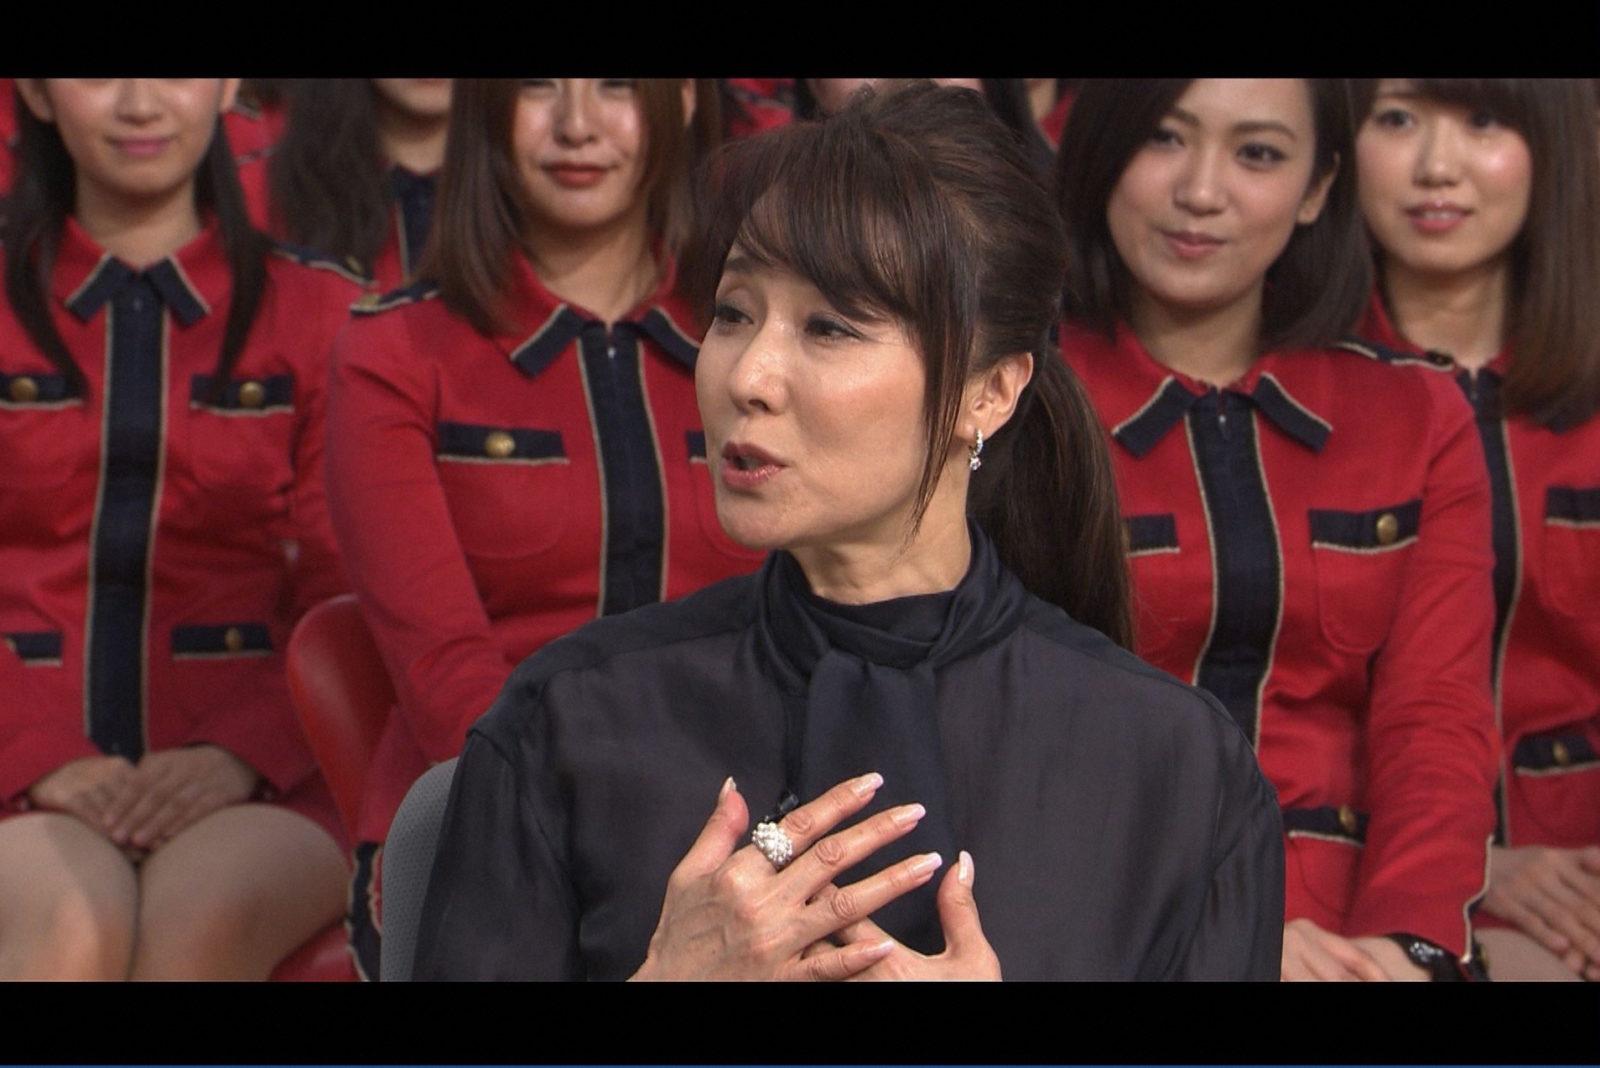 女優・野際陽子の最期が初めて明かされる 浅野ゆう子や佐野史郎らが知られざるエピソードを披露サムネイル画像